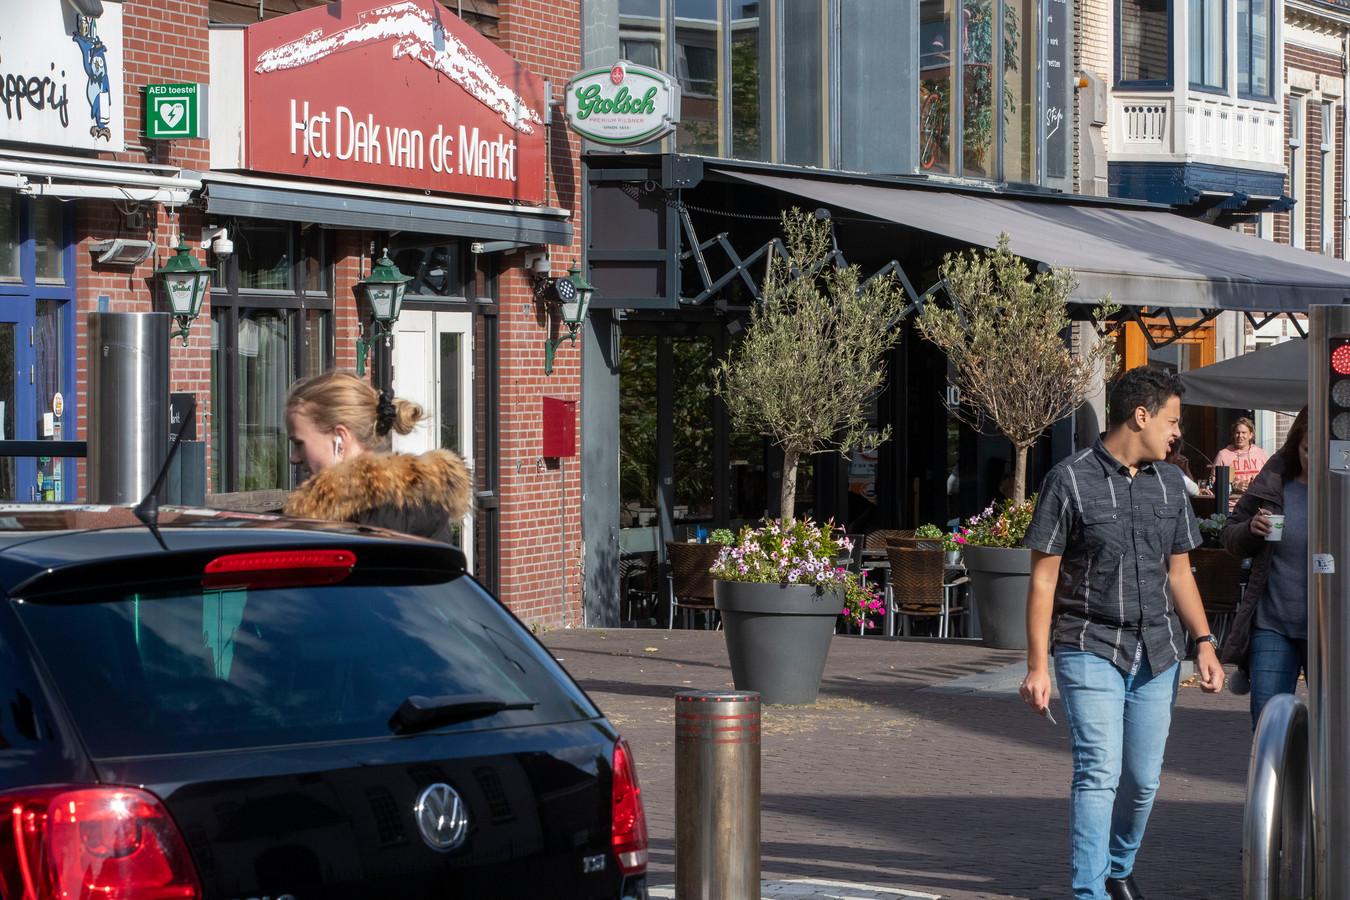 Het Dak van de Markt in Veenendaal: het bekendste café van de regio, tegen wil en dank.